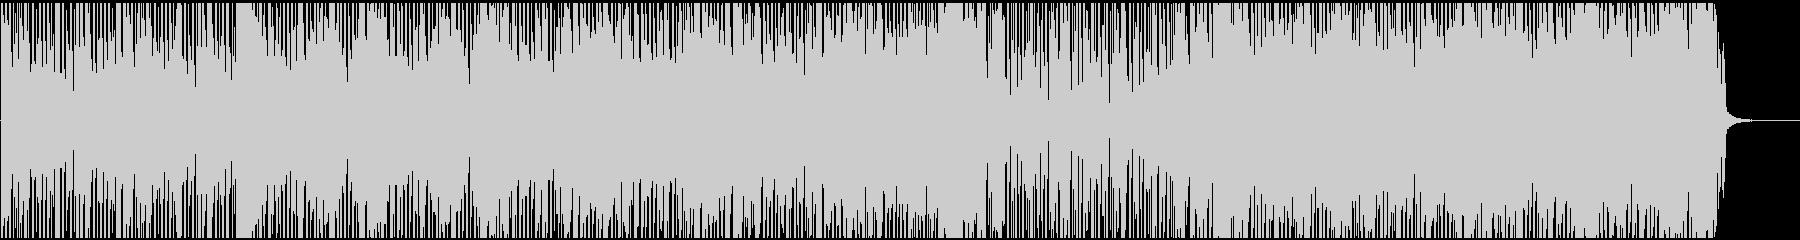 躍動感のあるレトロFunk/Discoの未再生の波形